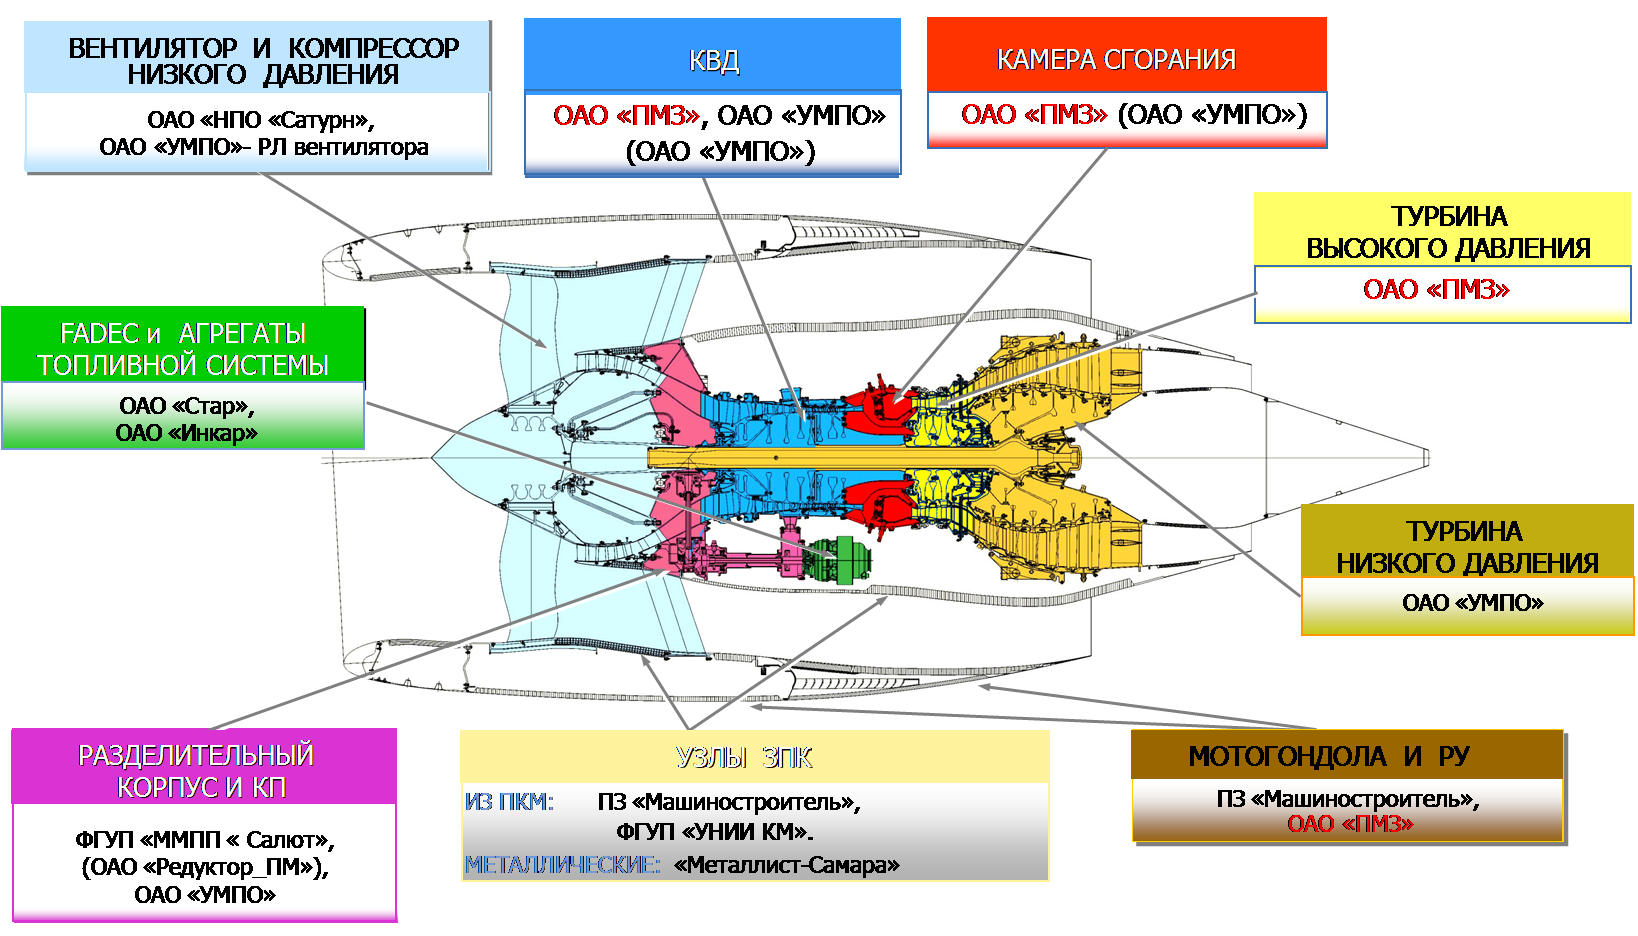 Схема авиационного двигателя